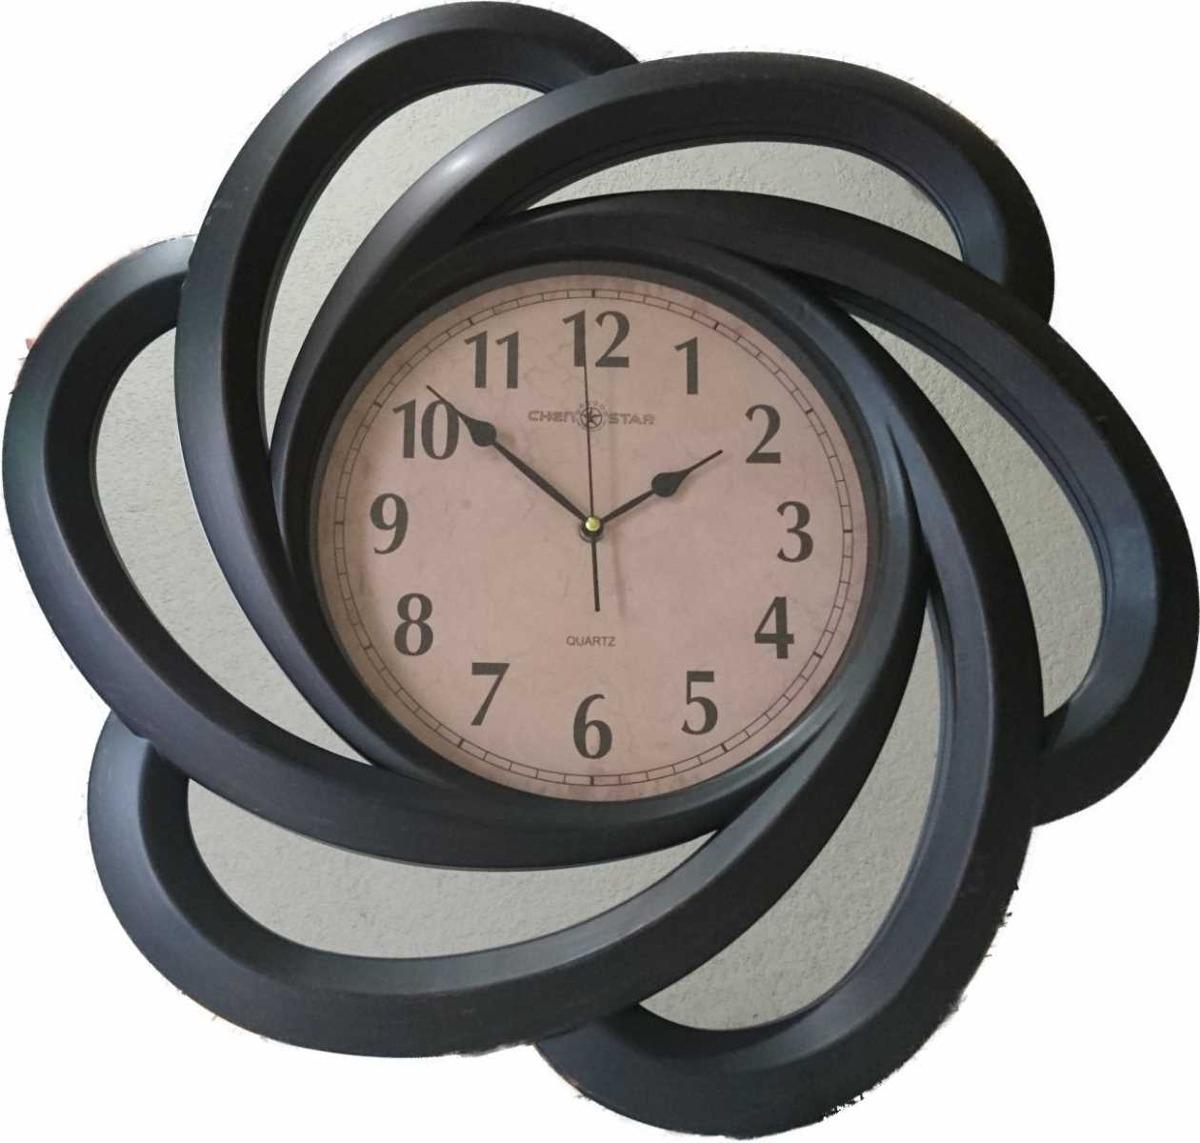 Reloj de pared gigante con espejos regalo para navidad - Reloj gigante pared ...